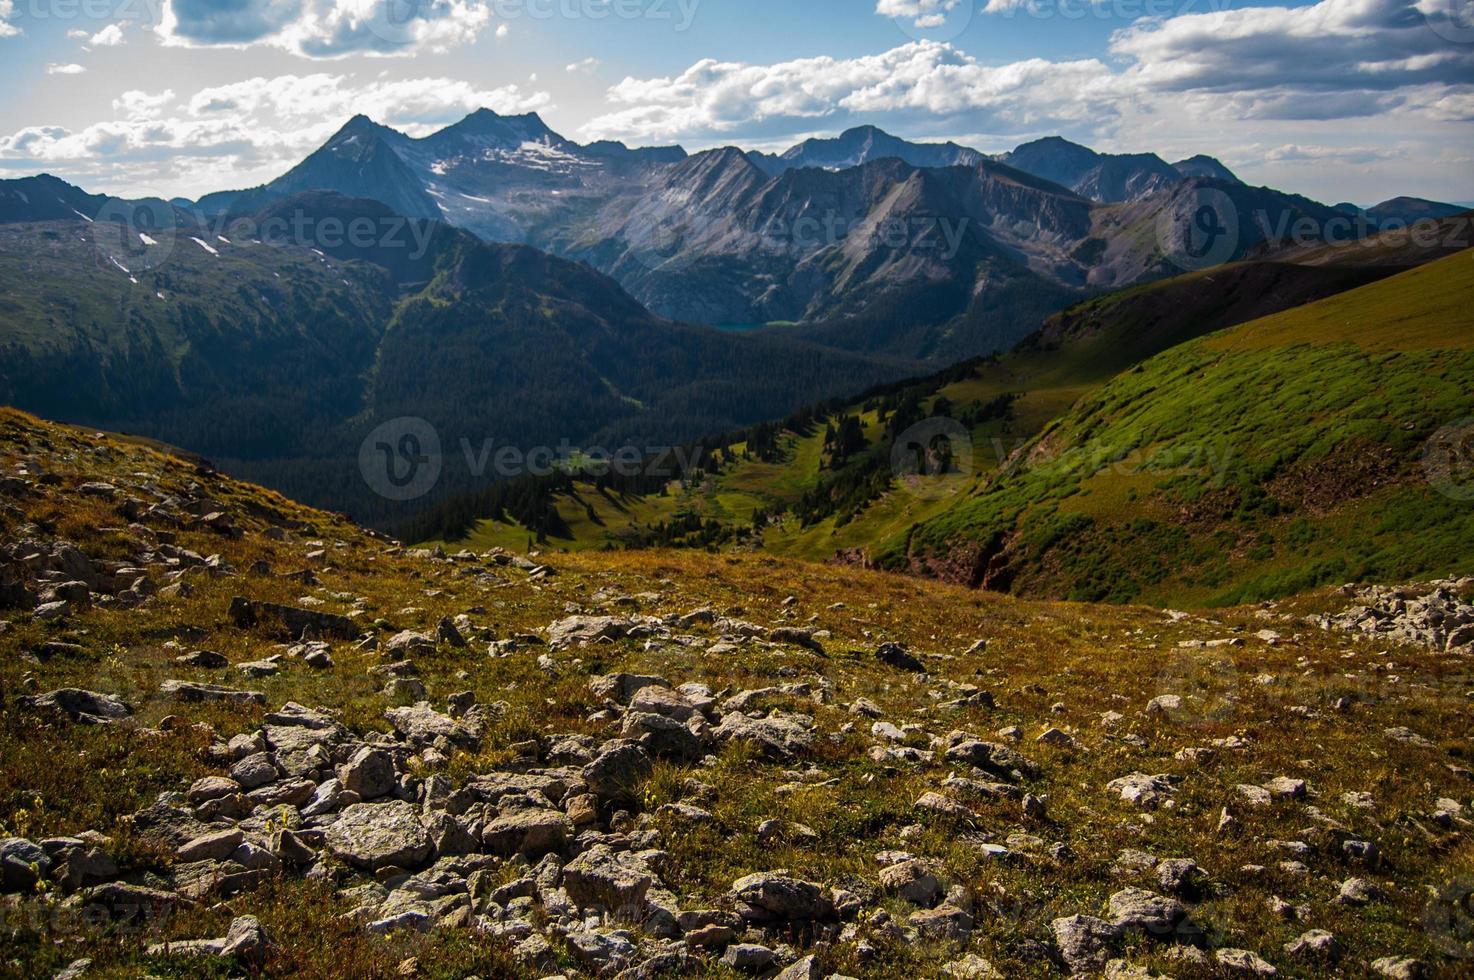 Snowmass Mountain Aspen Buckskin Pass Escape de montaña foto